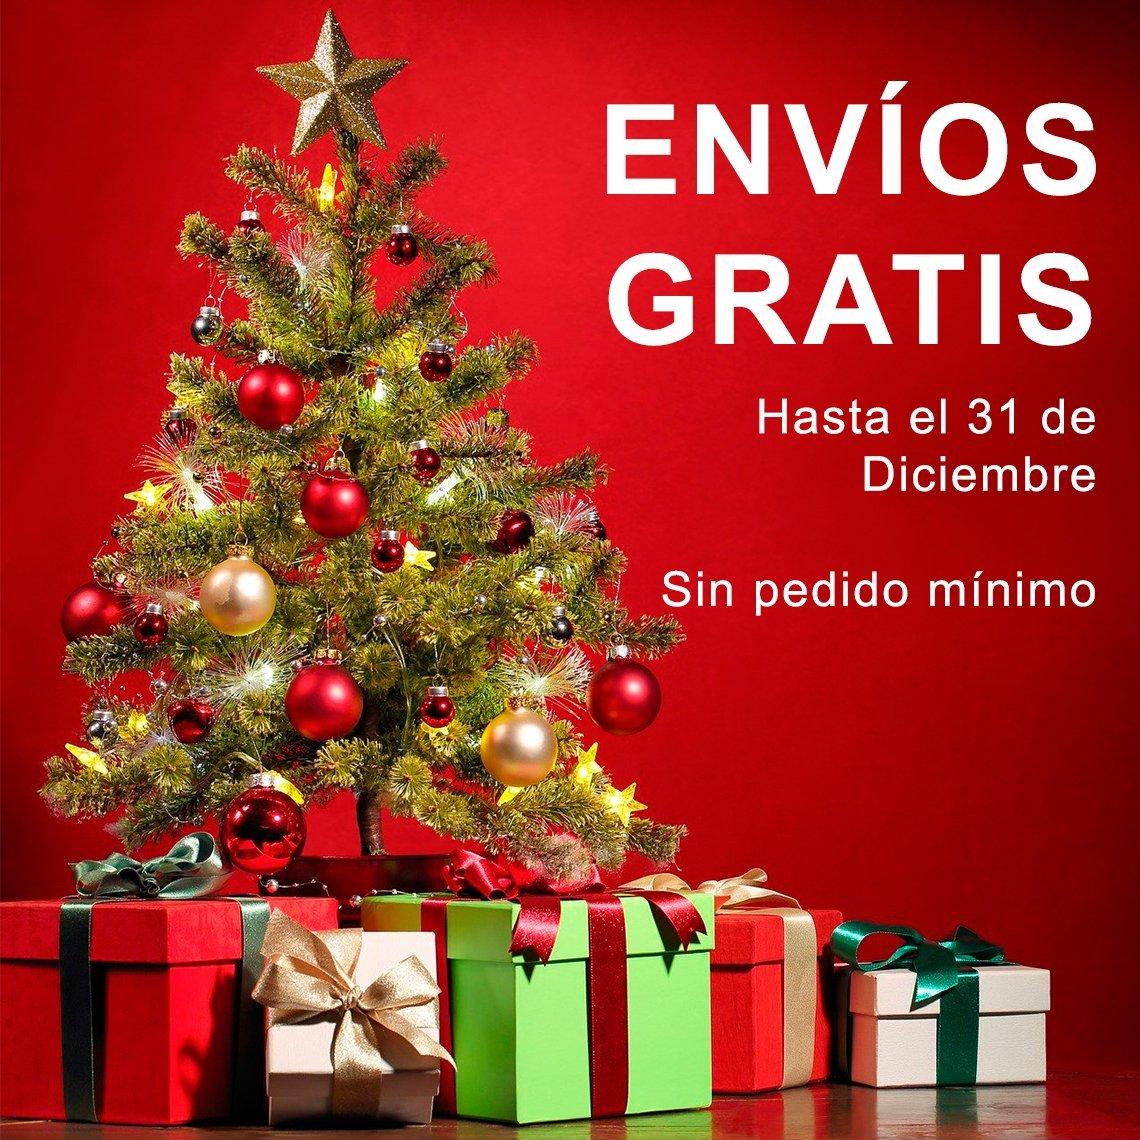 Envíos Gratis Navidad